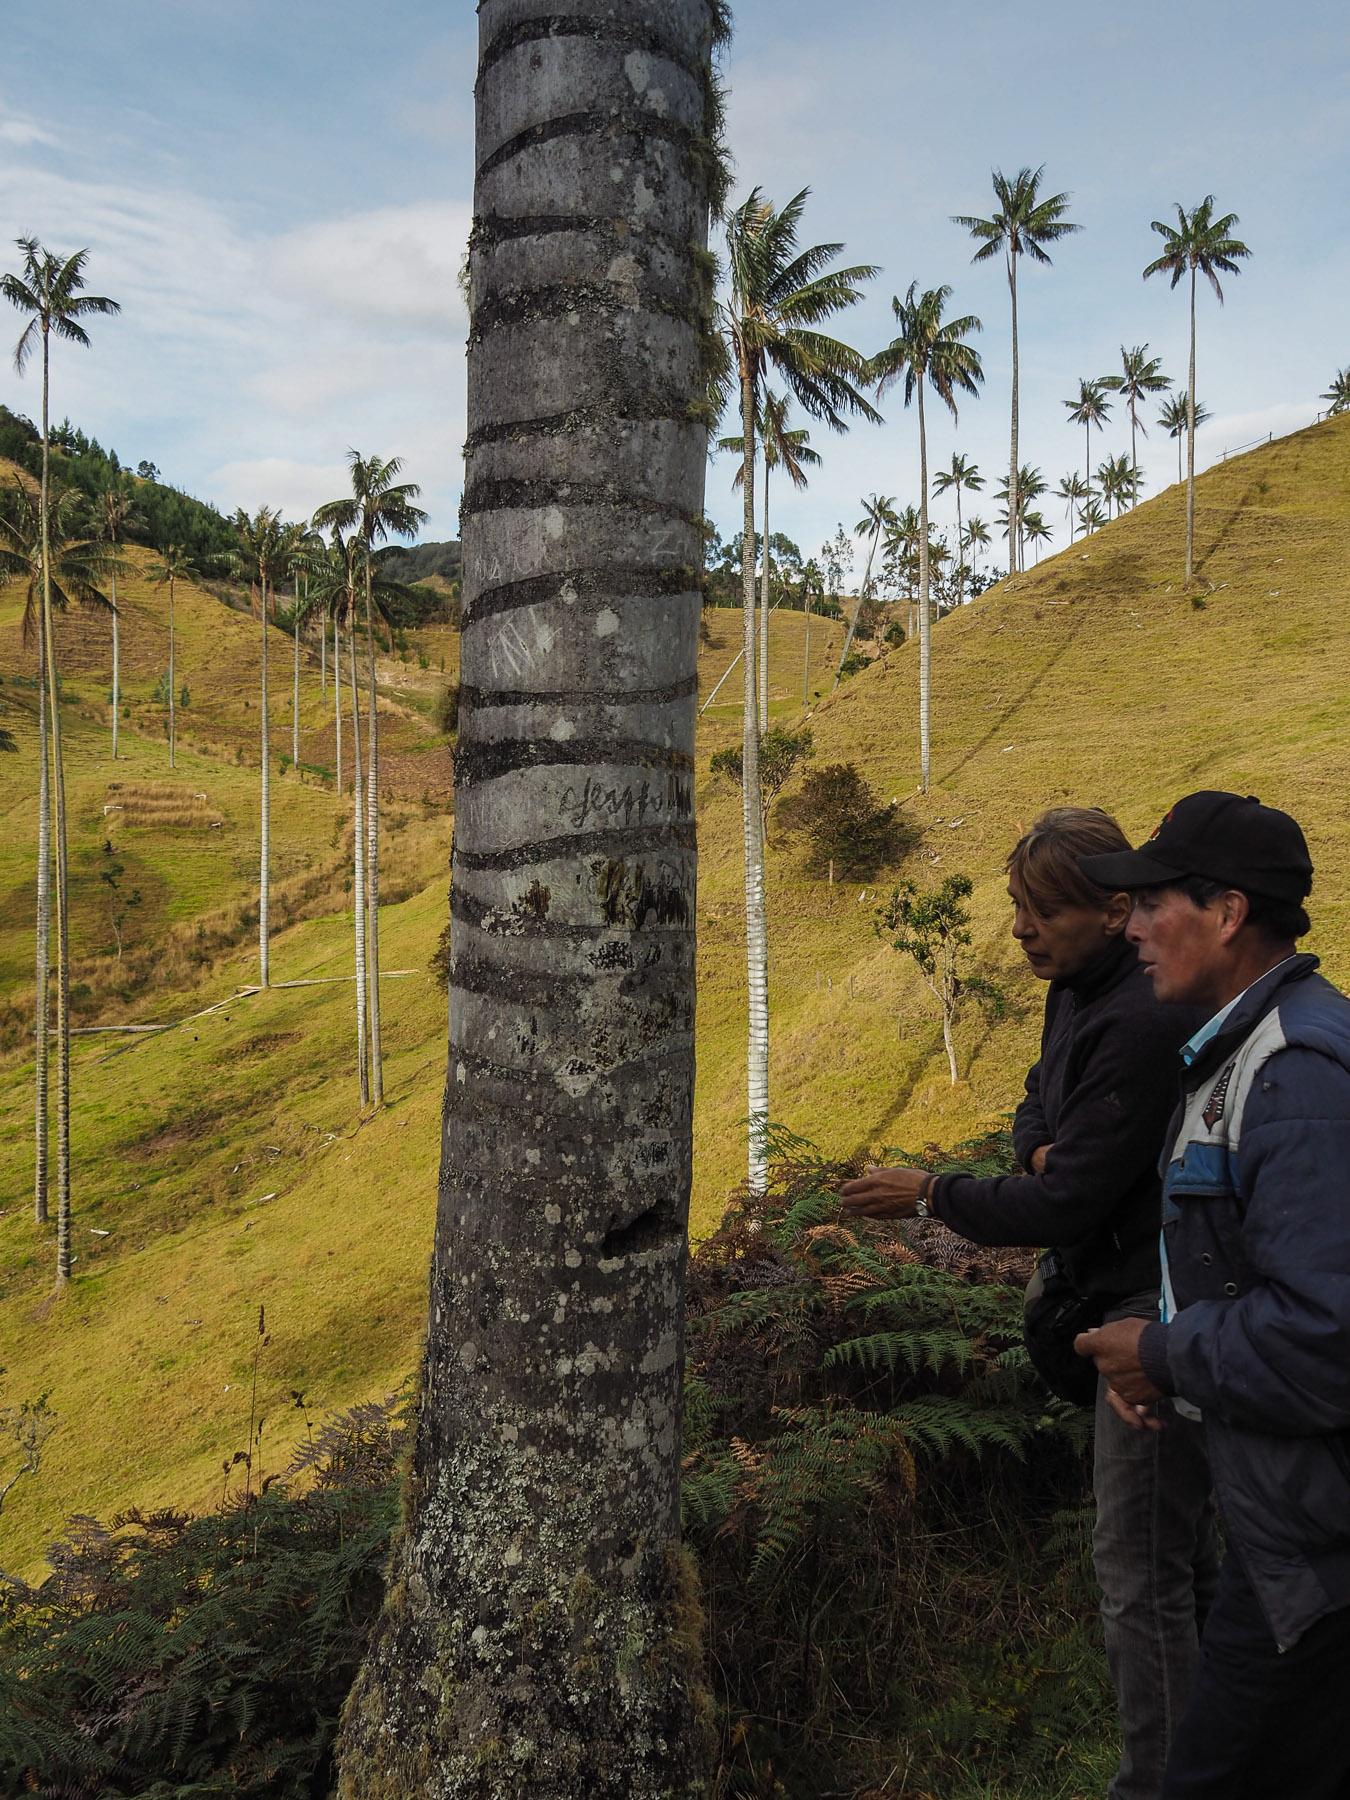 Luis erklärt, wie die Palmen früher genutzt wurden